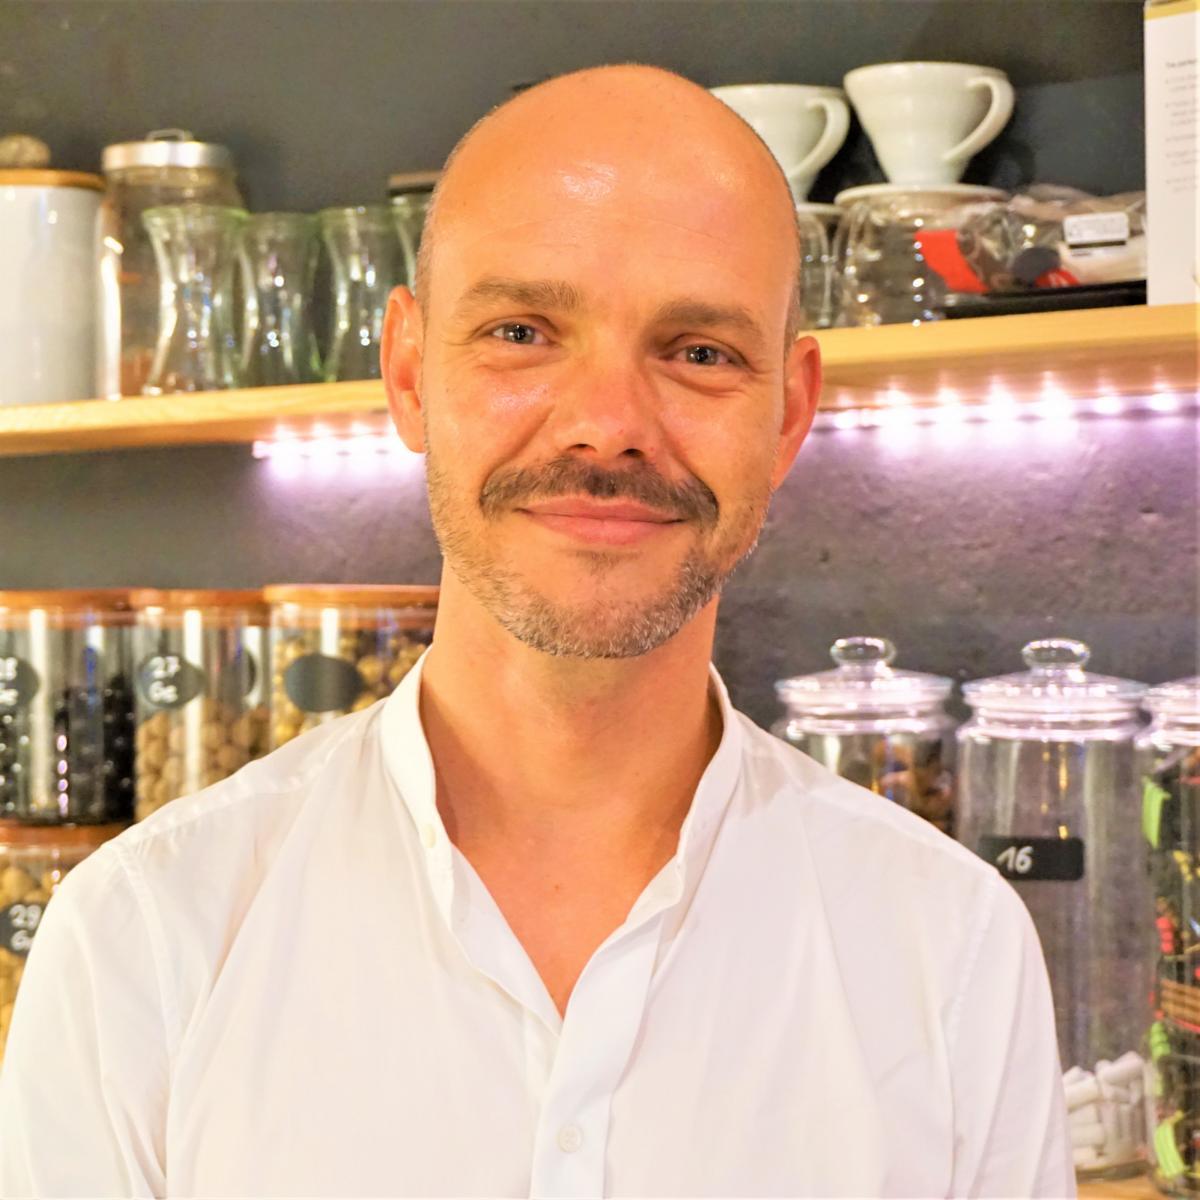 Style Hannover East Coffee 1 - EASTCOFFEE - Zeit nehmen für Kaffeespezialitäten